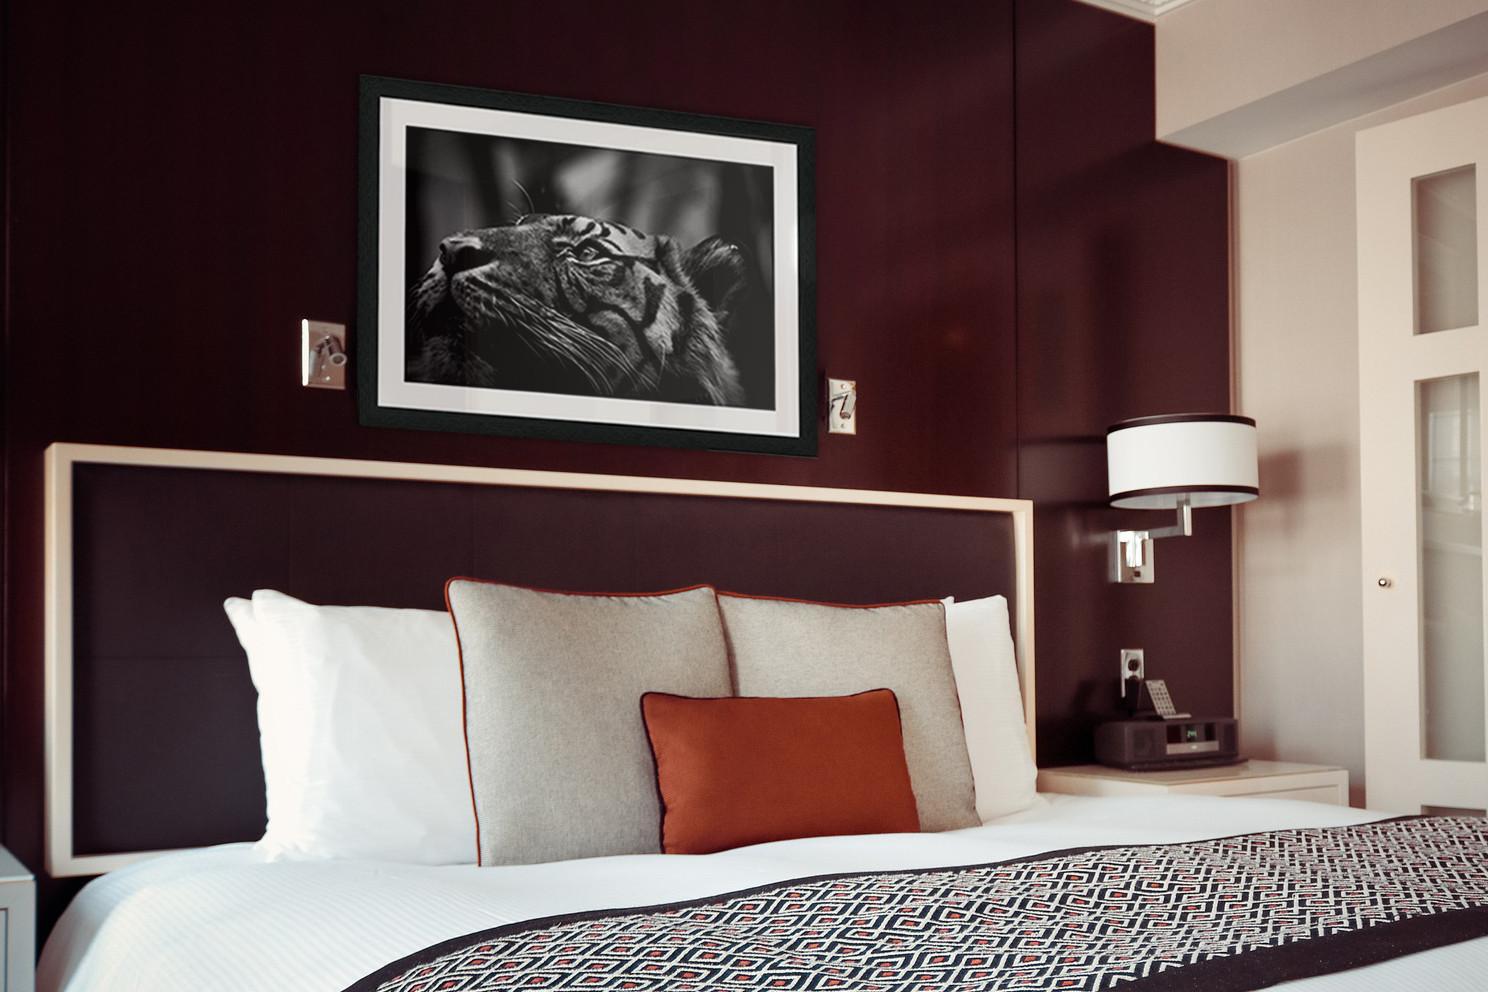 hotel-room-1447201_1920 Kopie.jpg